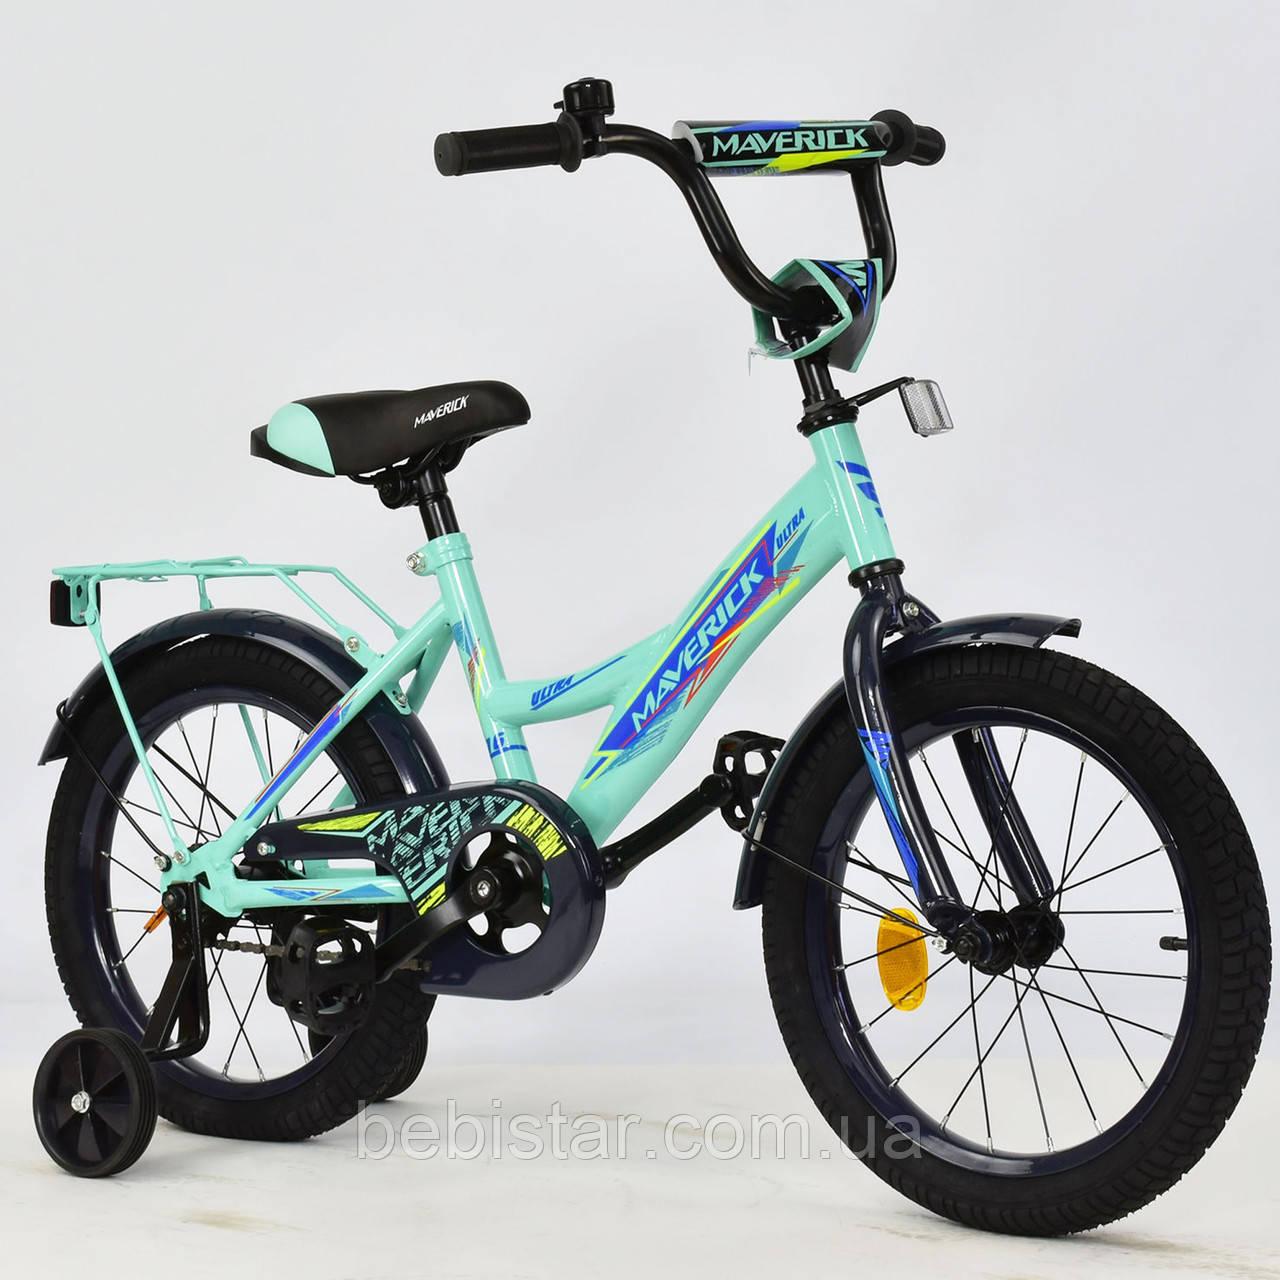 """Двухколесный велосипед Maverick 16"""" R 1601 детям 4-6 лет(без ручного тормоза)цвет бирюзовый"""